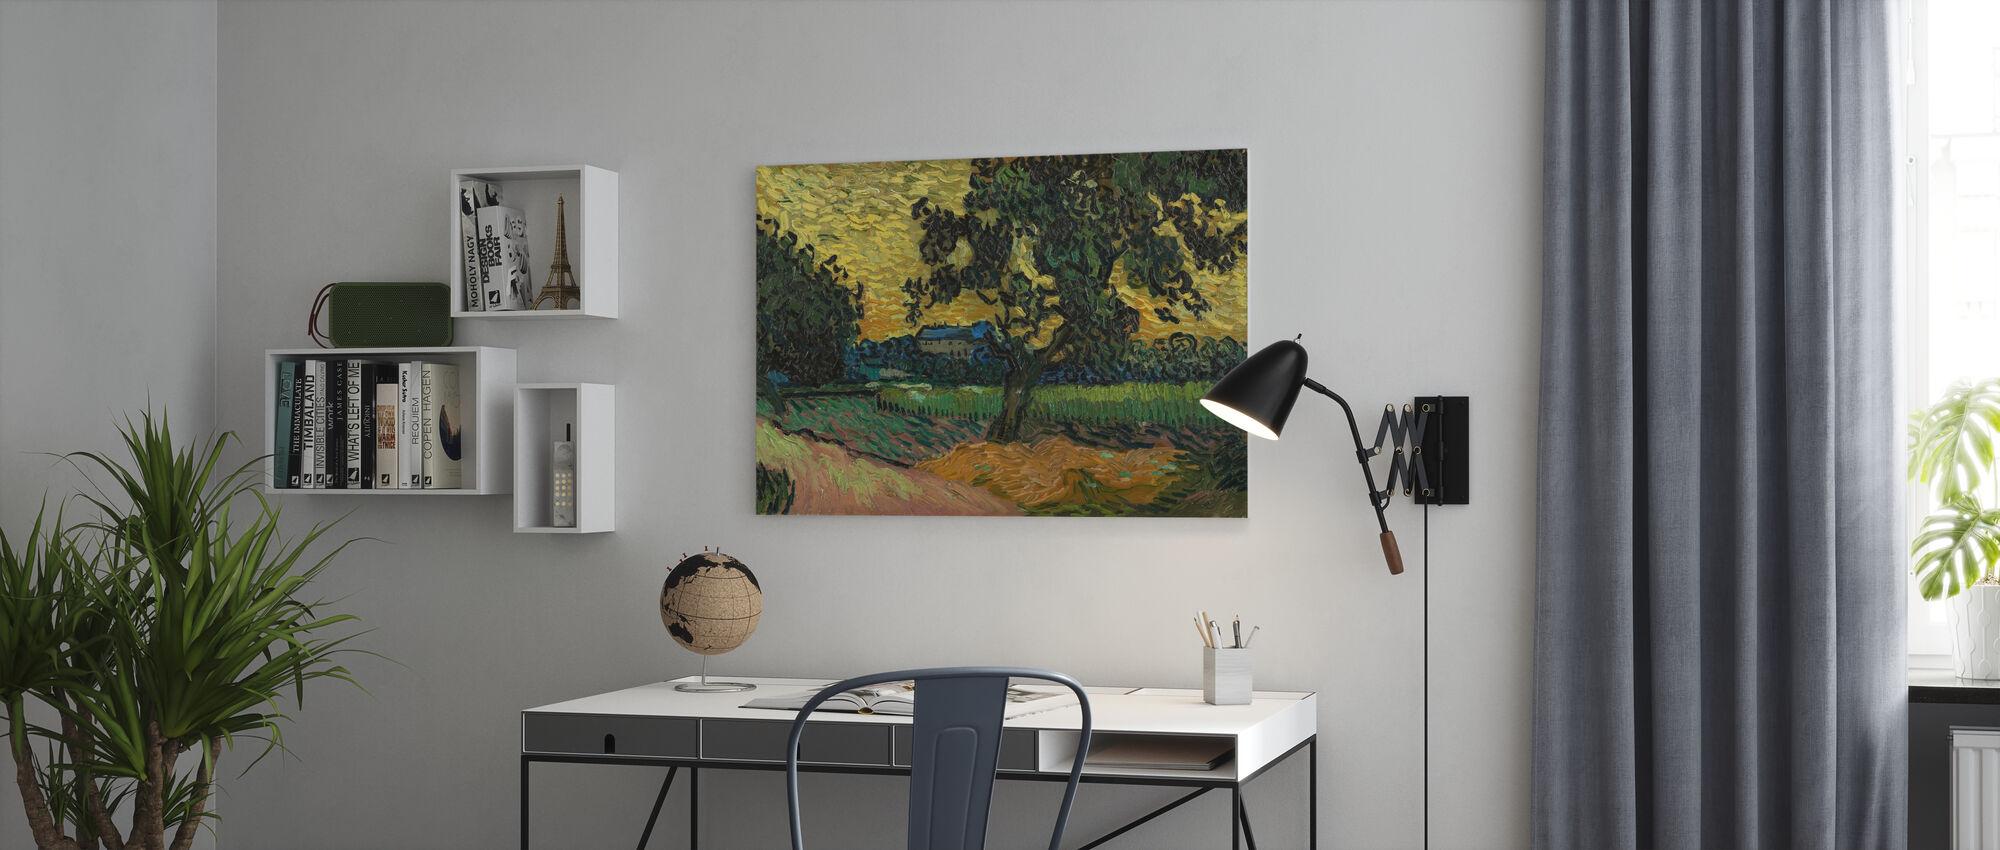 Landschap bij schemering - Vincent Van Gogh - Canvas print - Kantoor